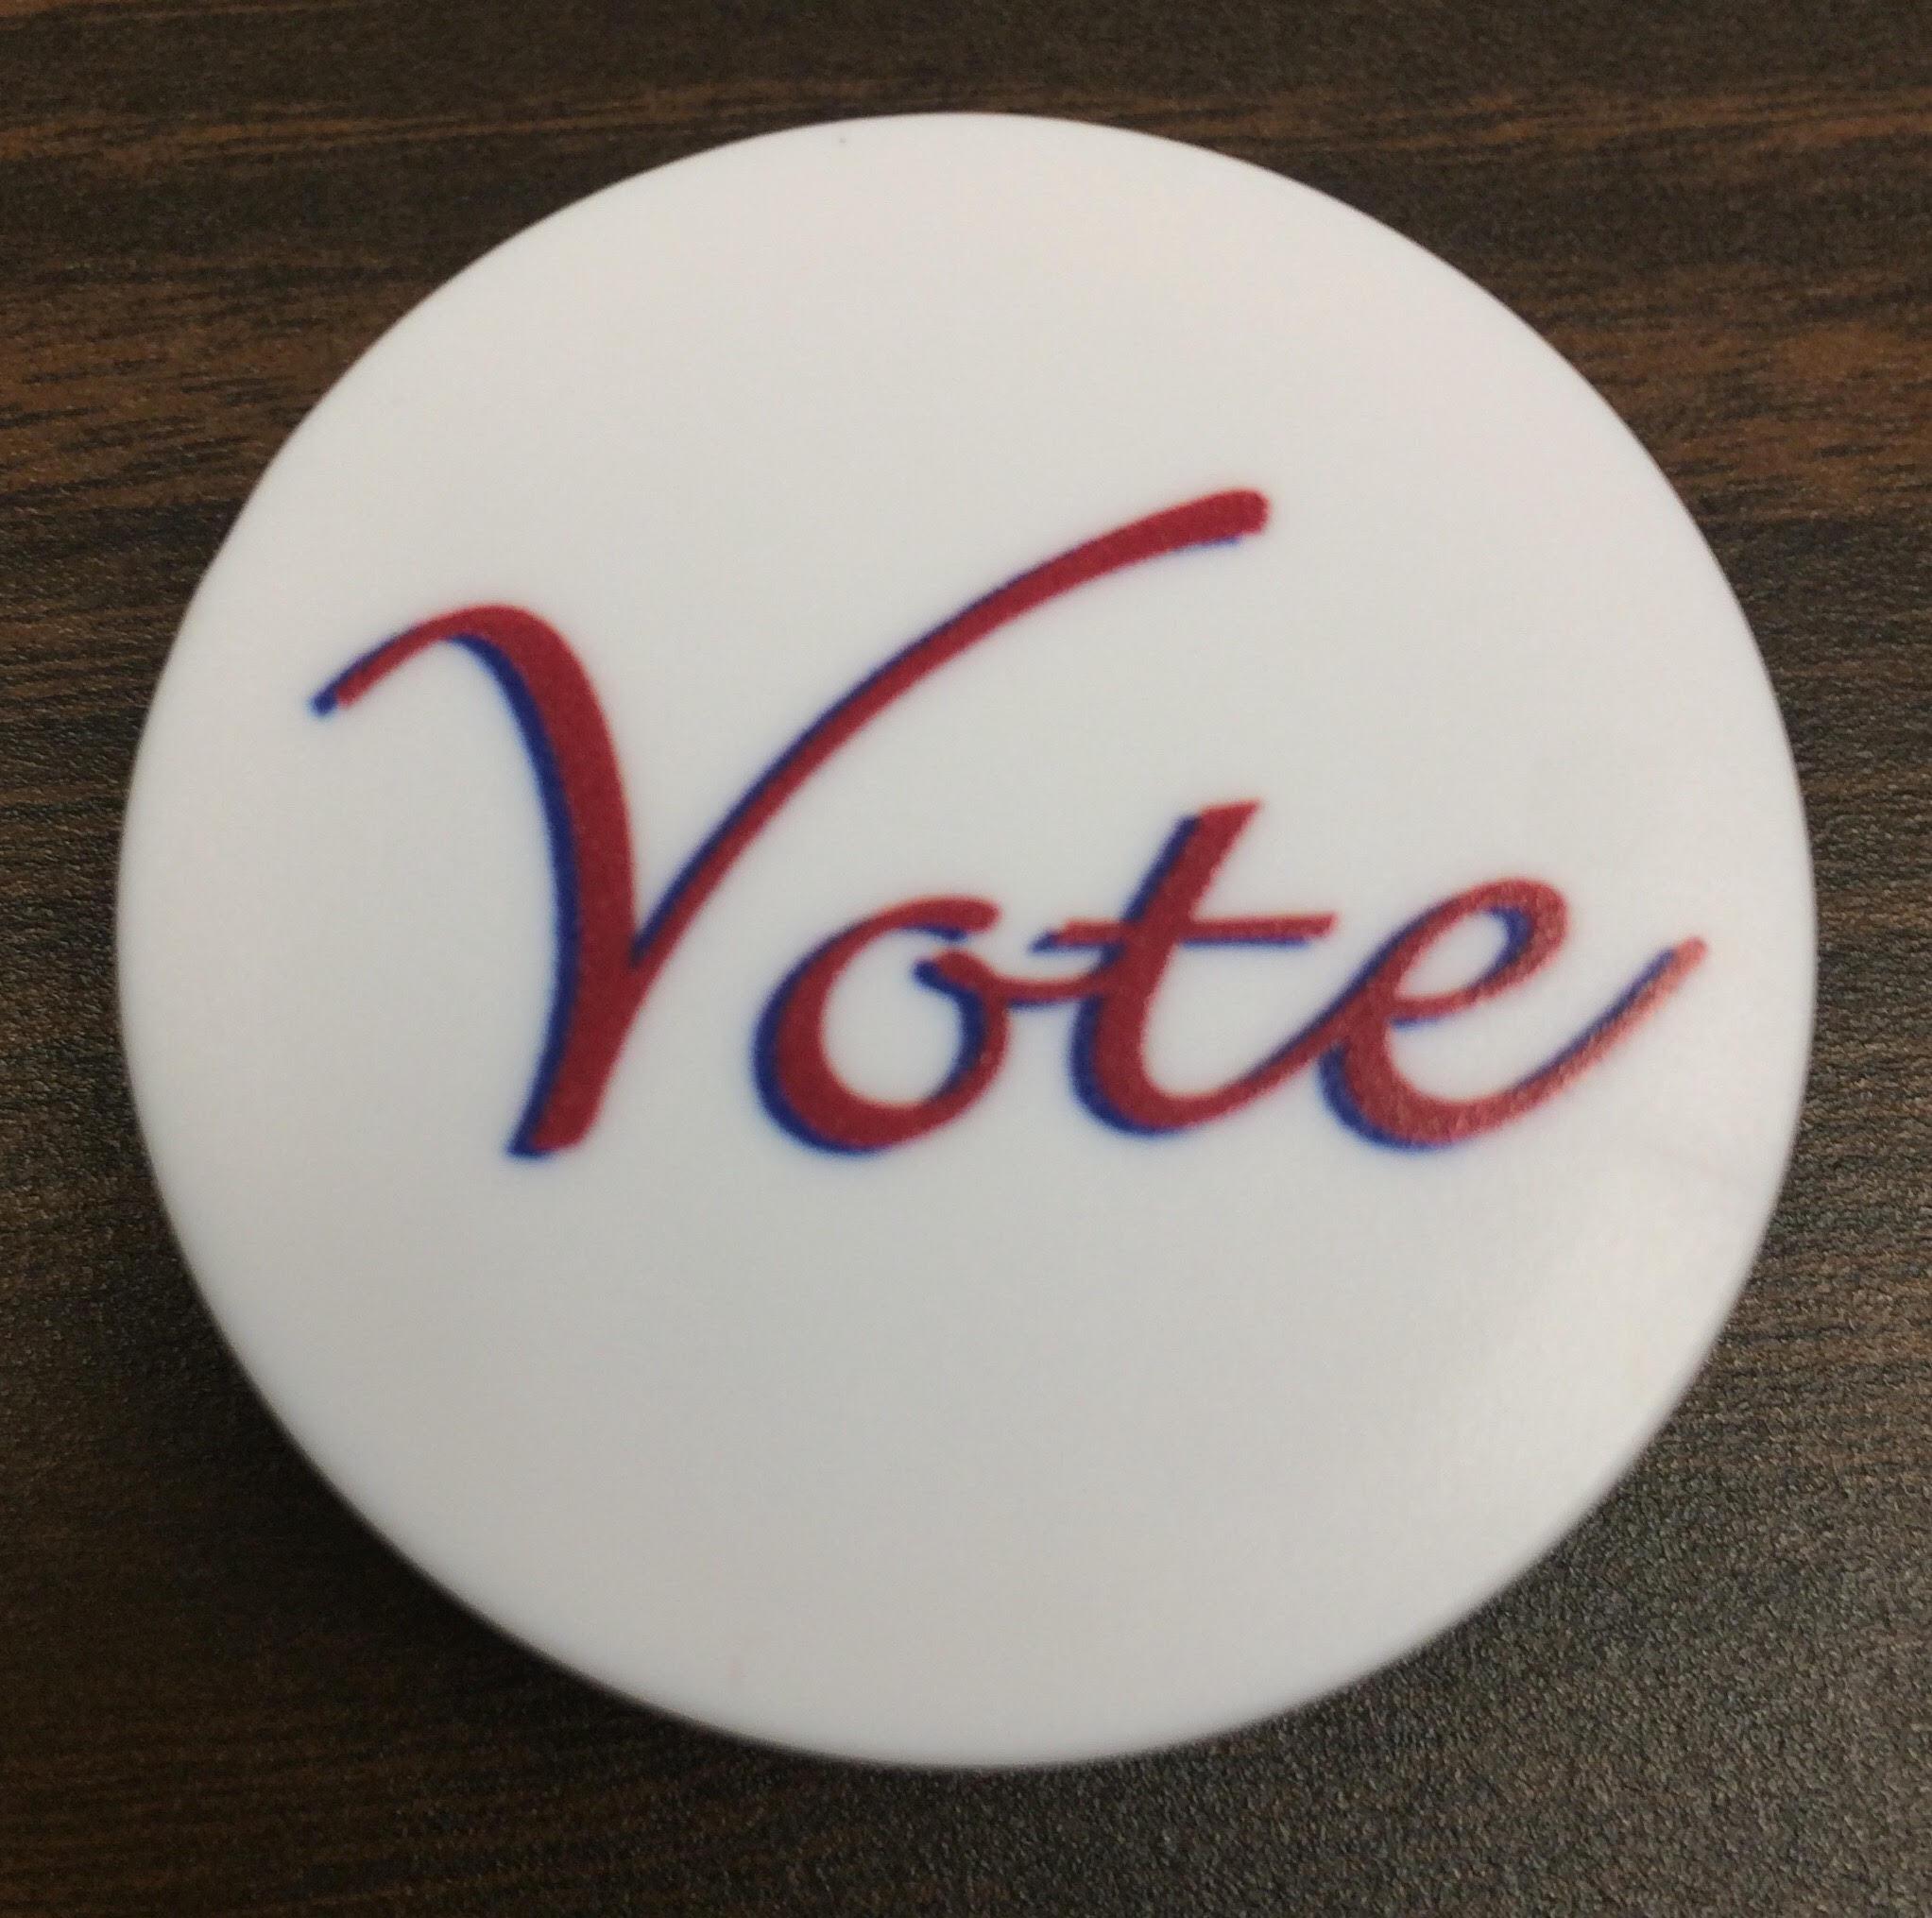 Vote Phone Button